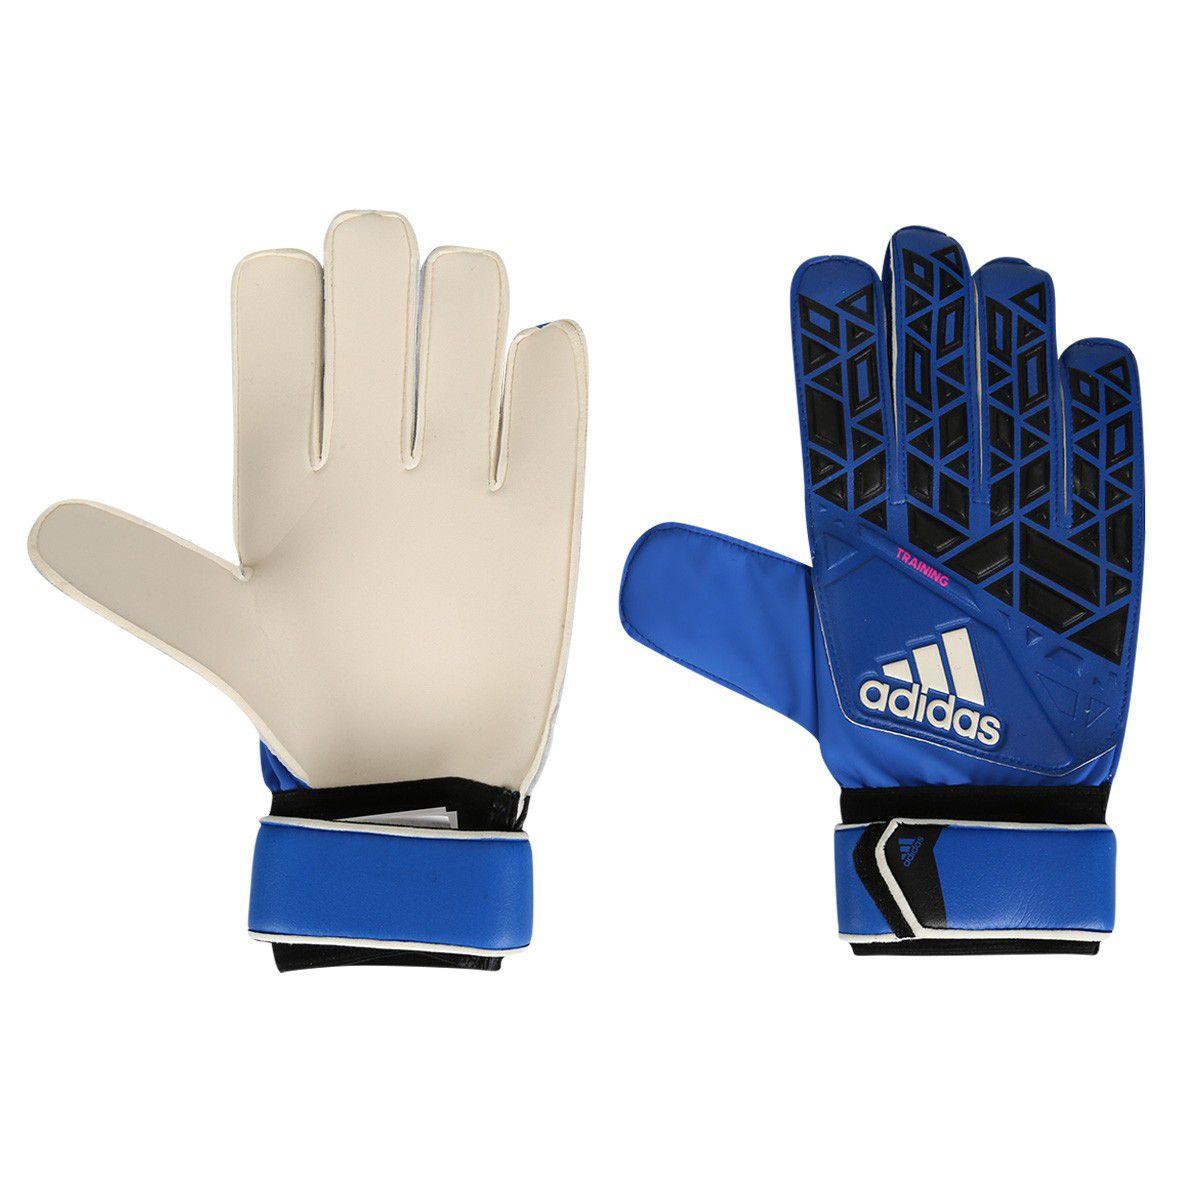 df13b4ae3 Luva Adidas ACE Training Ref AZ3682 - Sportland